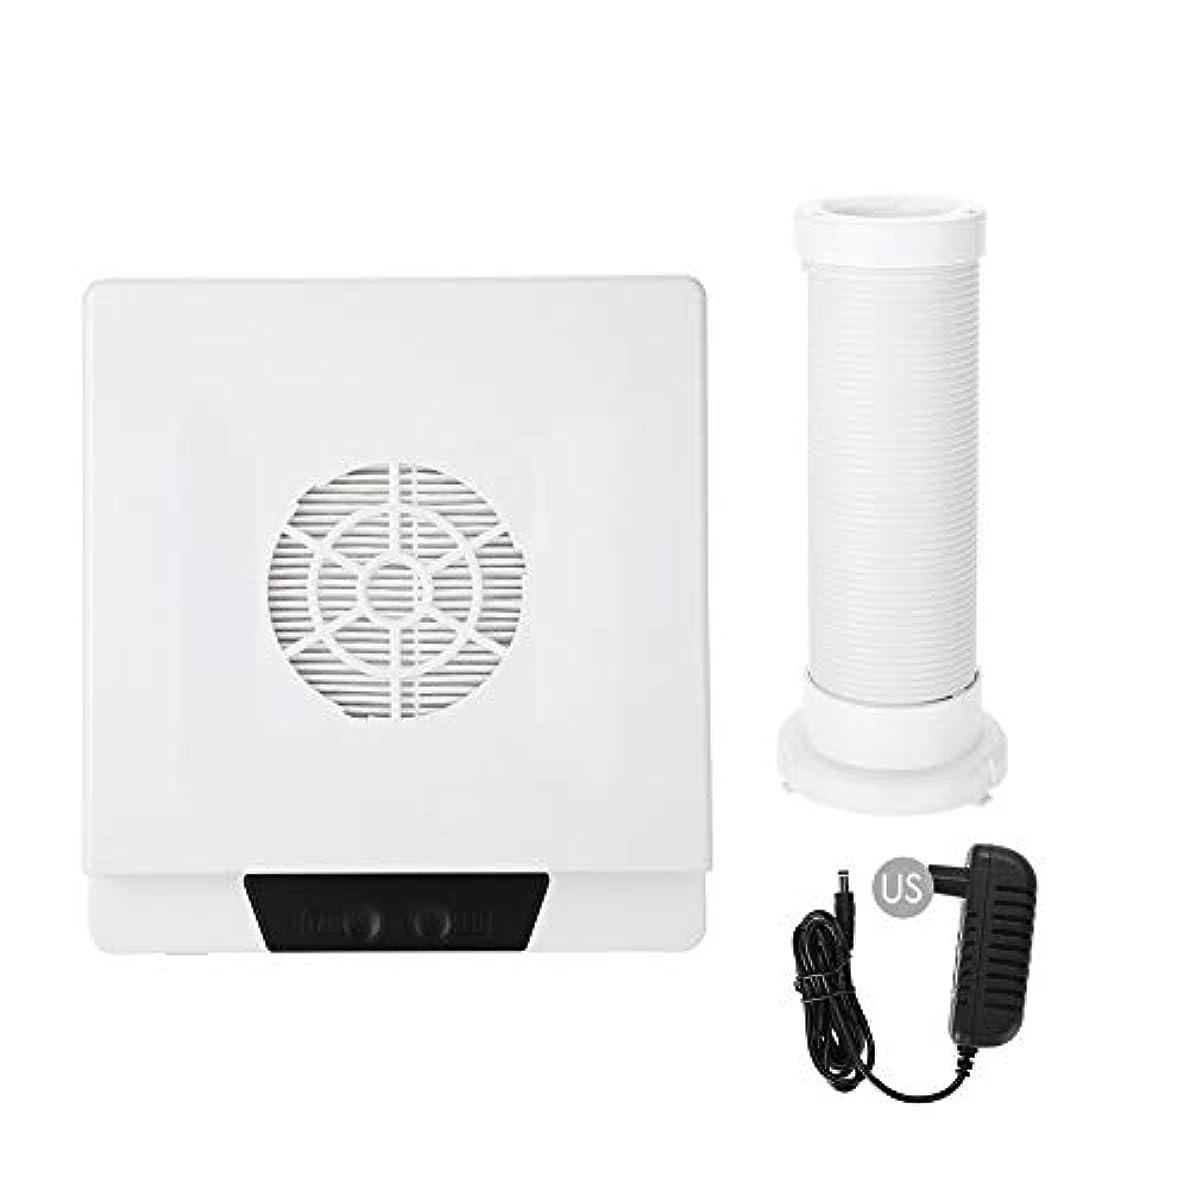 苦い脈拍影響を受けやすいですTOPINCN 60W 強い力 ネイルアートダストサクション ネイルアート集塵機 マニキュア掃除機 ネイルダストクリーナー(02)